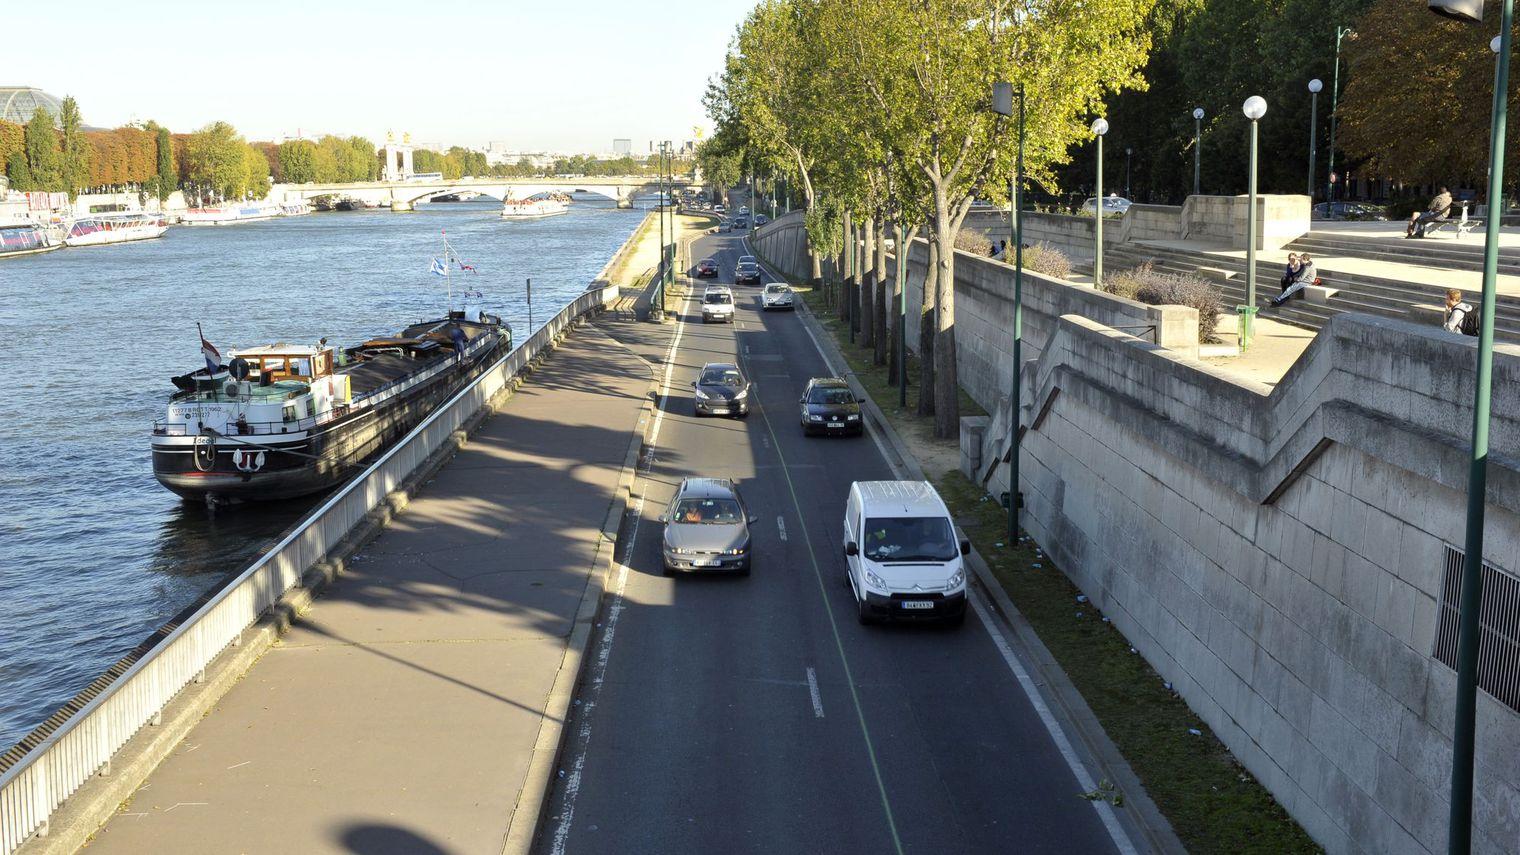 168 maires d'Ile de France ont écrit une lettre à la maire de Paris Anne Hidalgo. Ils demandent la réouverture de la voie sur berges rive droite.